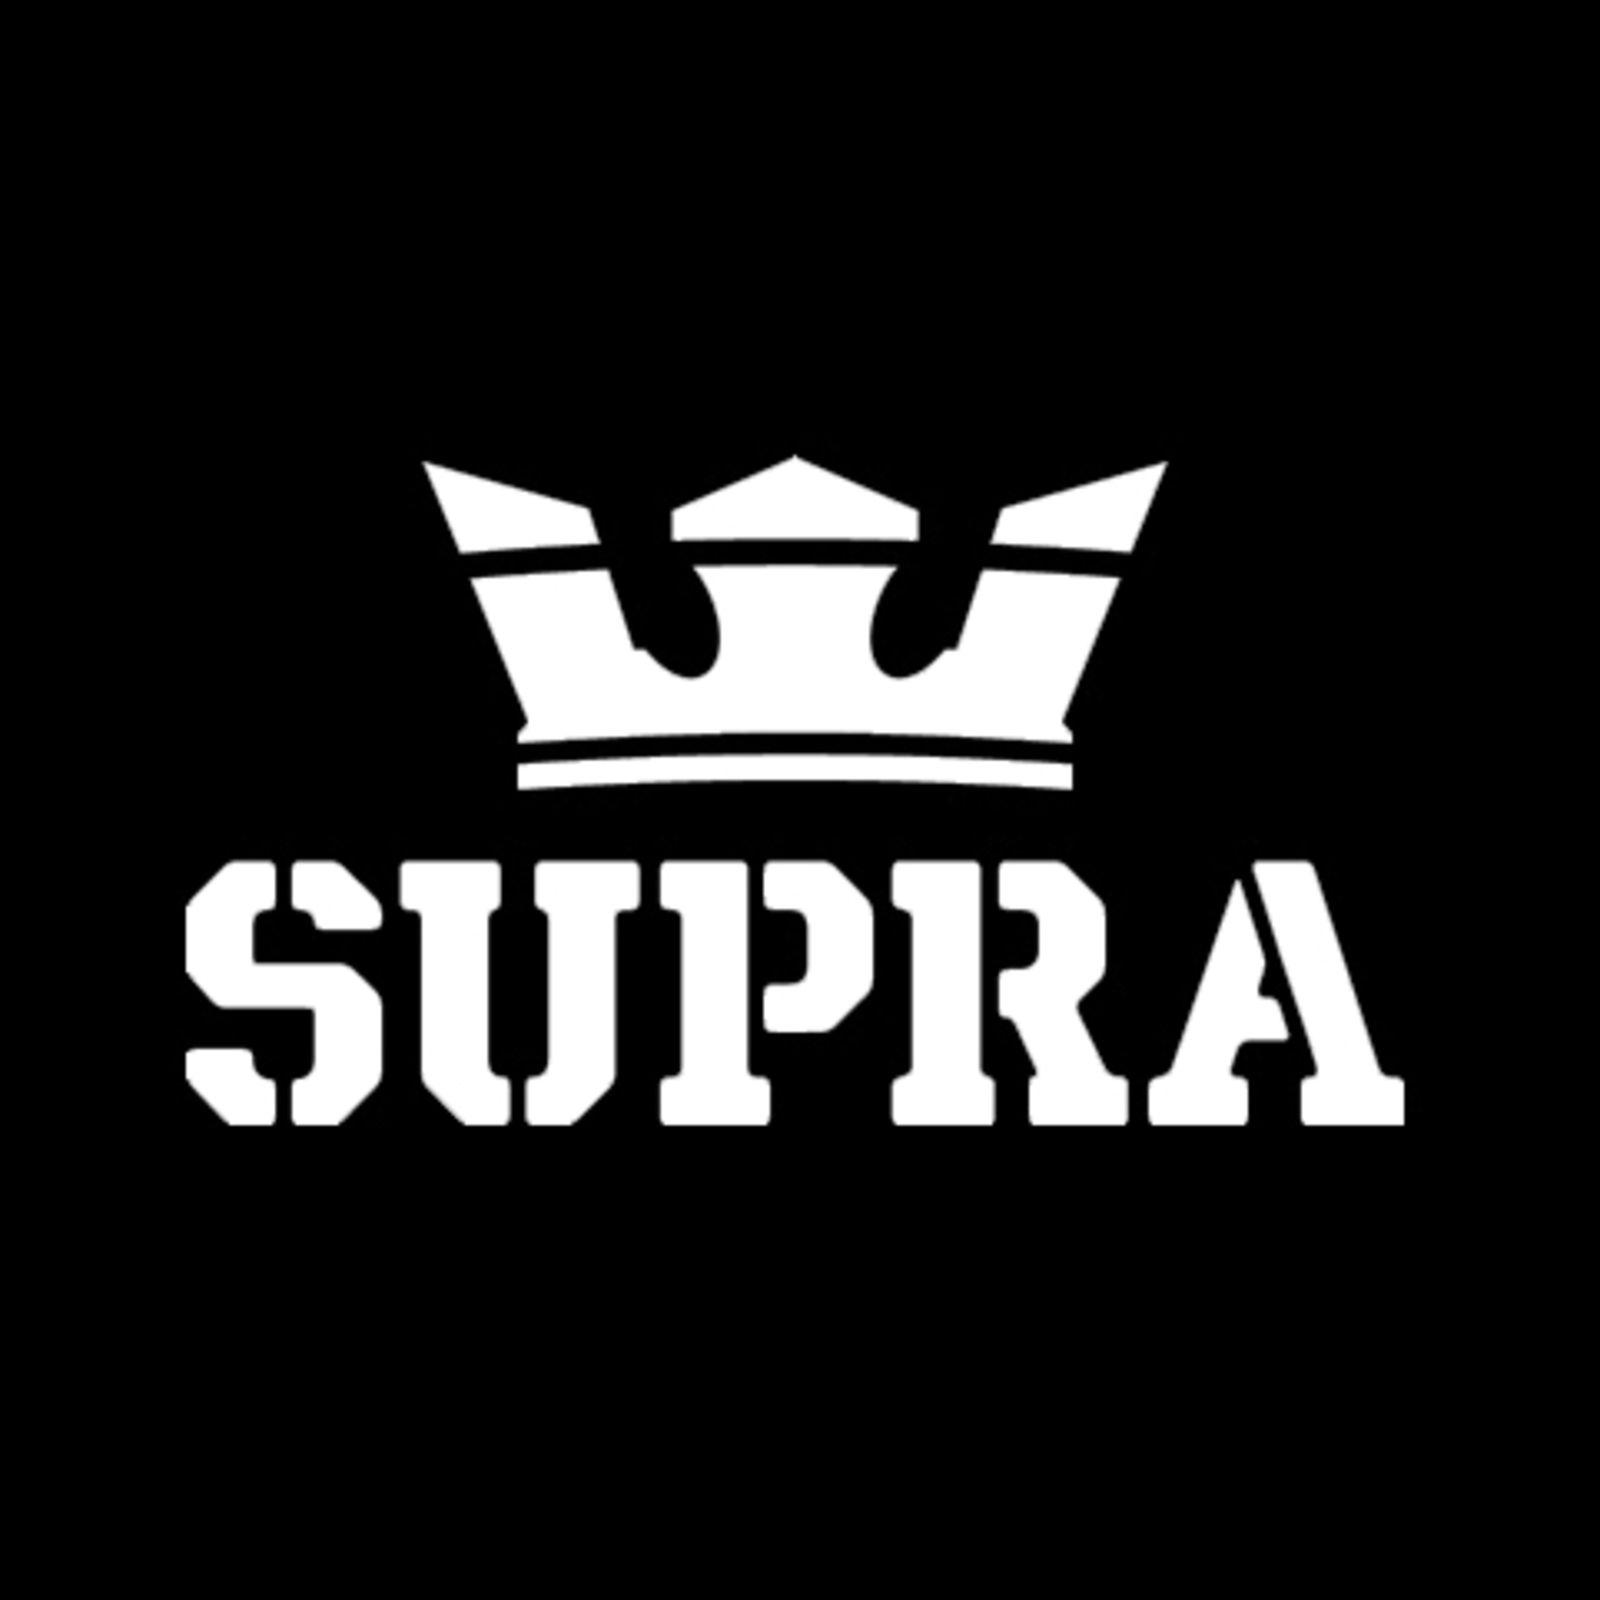 SUPRA (Imagen 1)